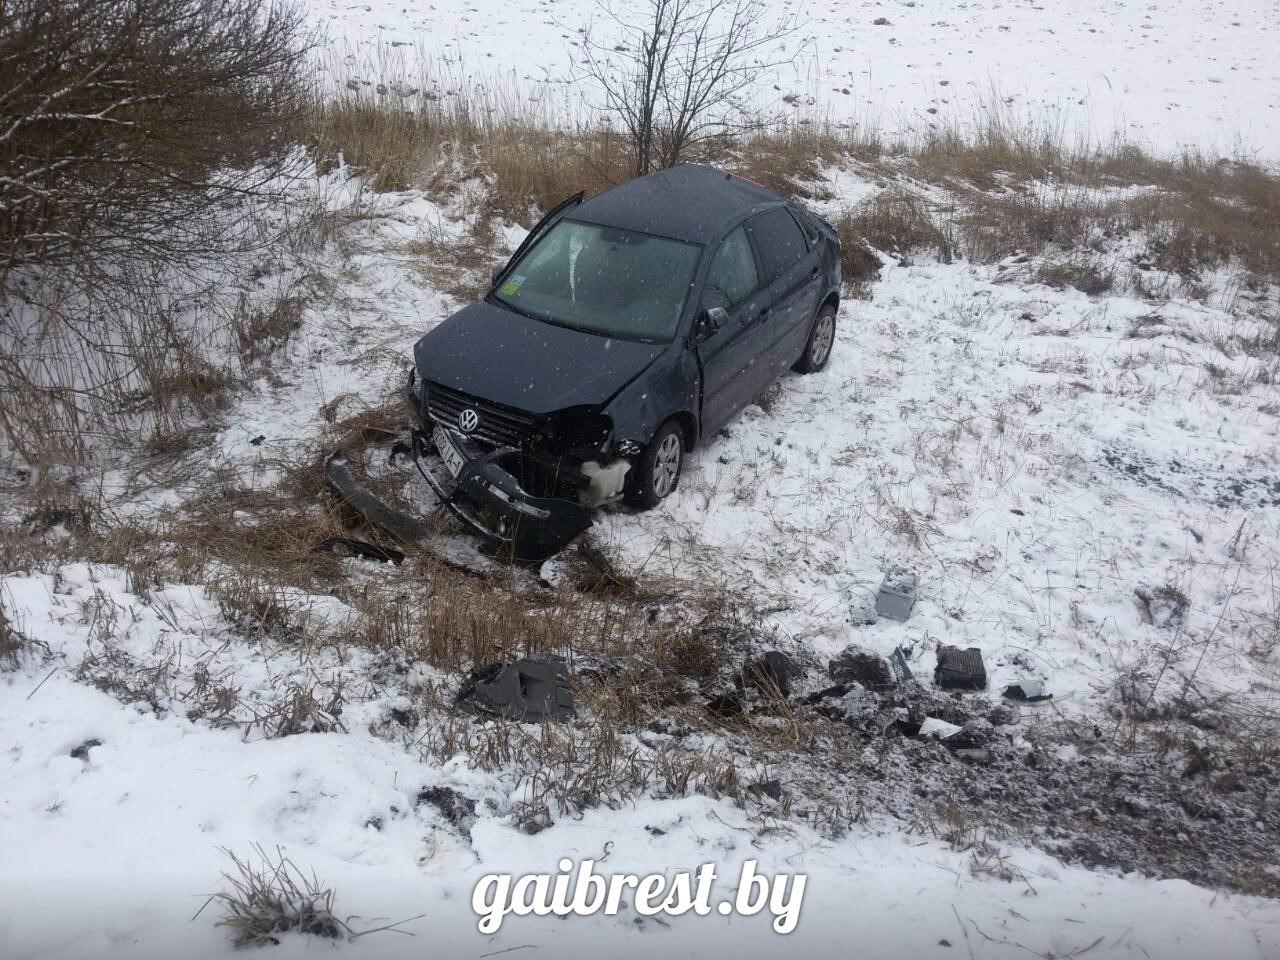 Ляховичский район: в дорожной аварии пострадал пассажир VW